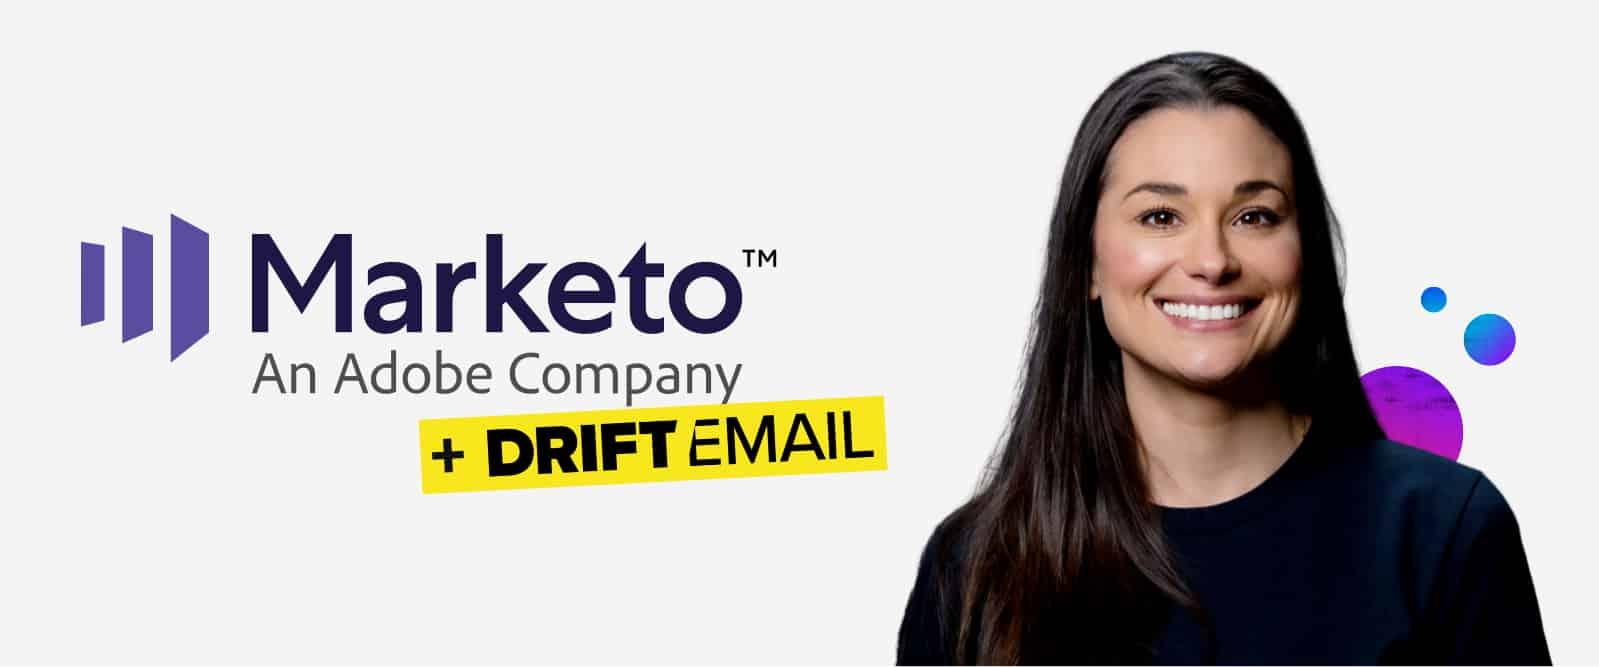 Marketo Integration for Drift Email